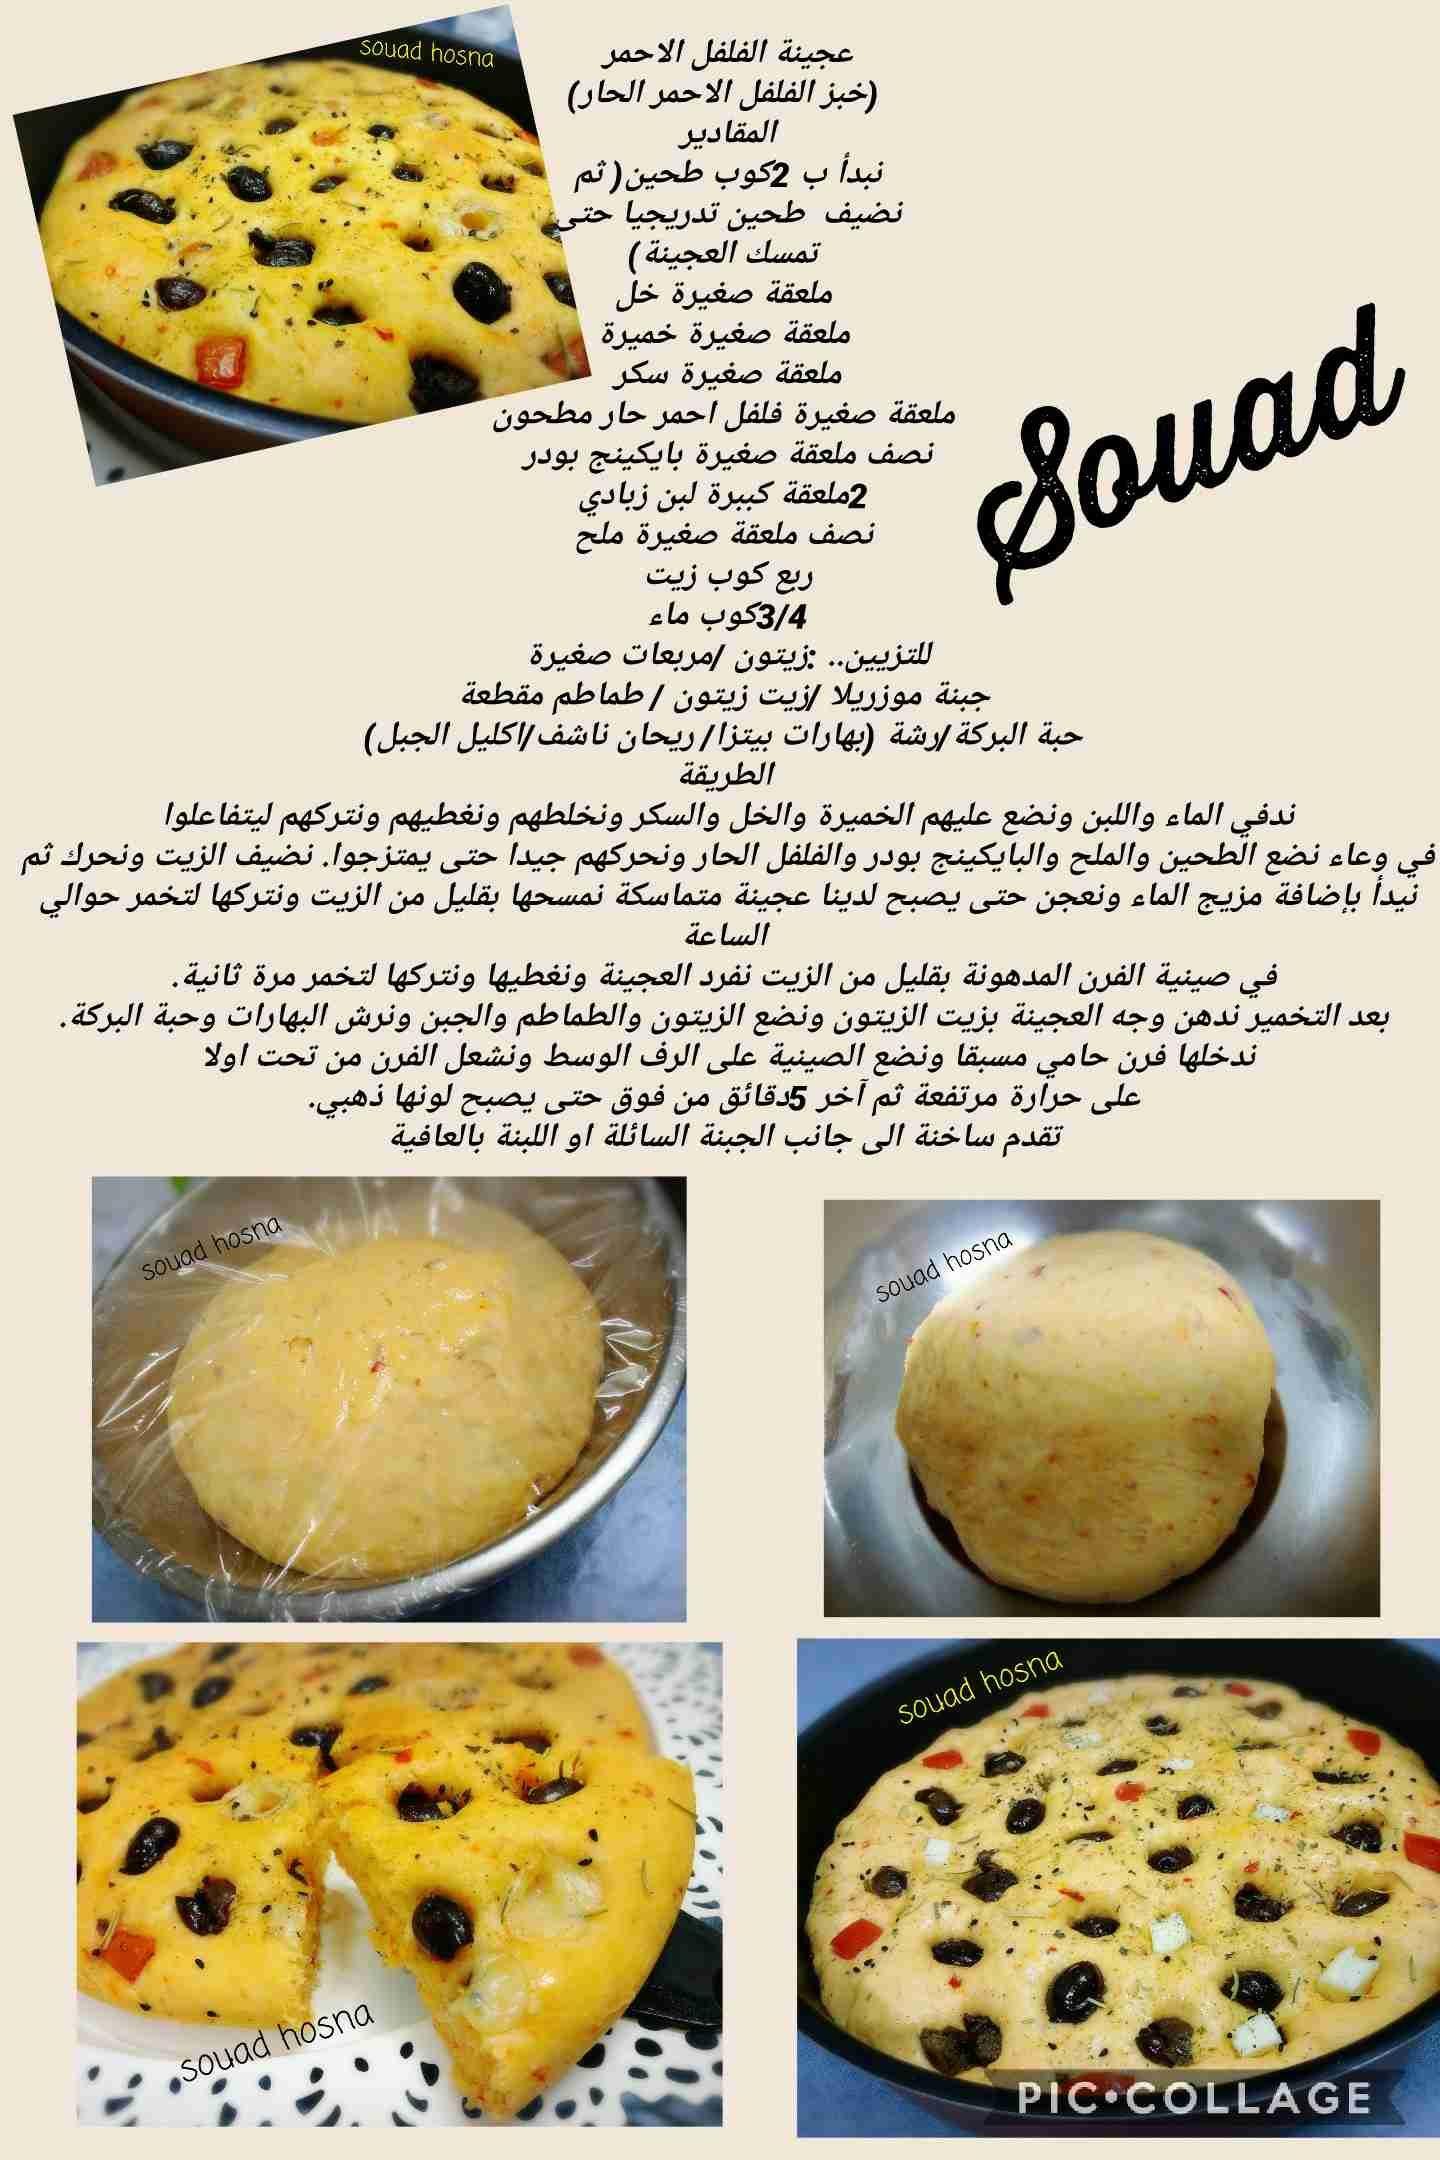 عجينة الفلفل الاحمر خبز الفلفل الاحمر الحار سلسلة طبخاتي المصورة مع سعاد 10 زاكي Food Cooking Bread